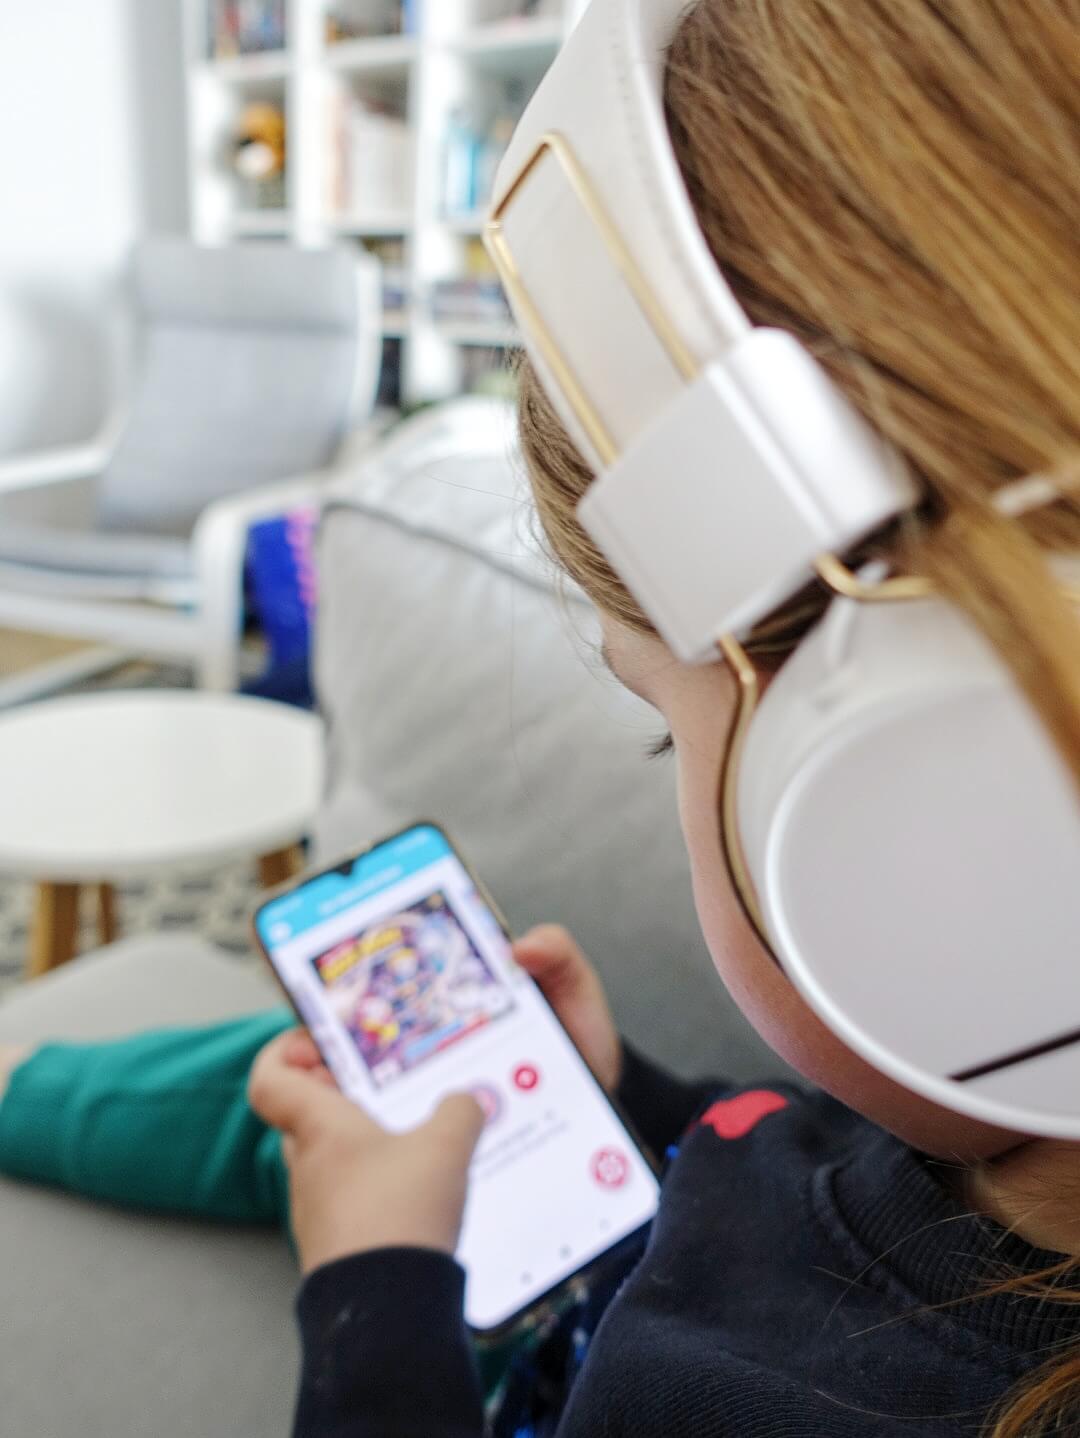 Hörspiel-App Oiigo lässt sich kinderleicht bedienen